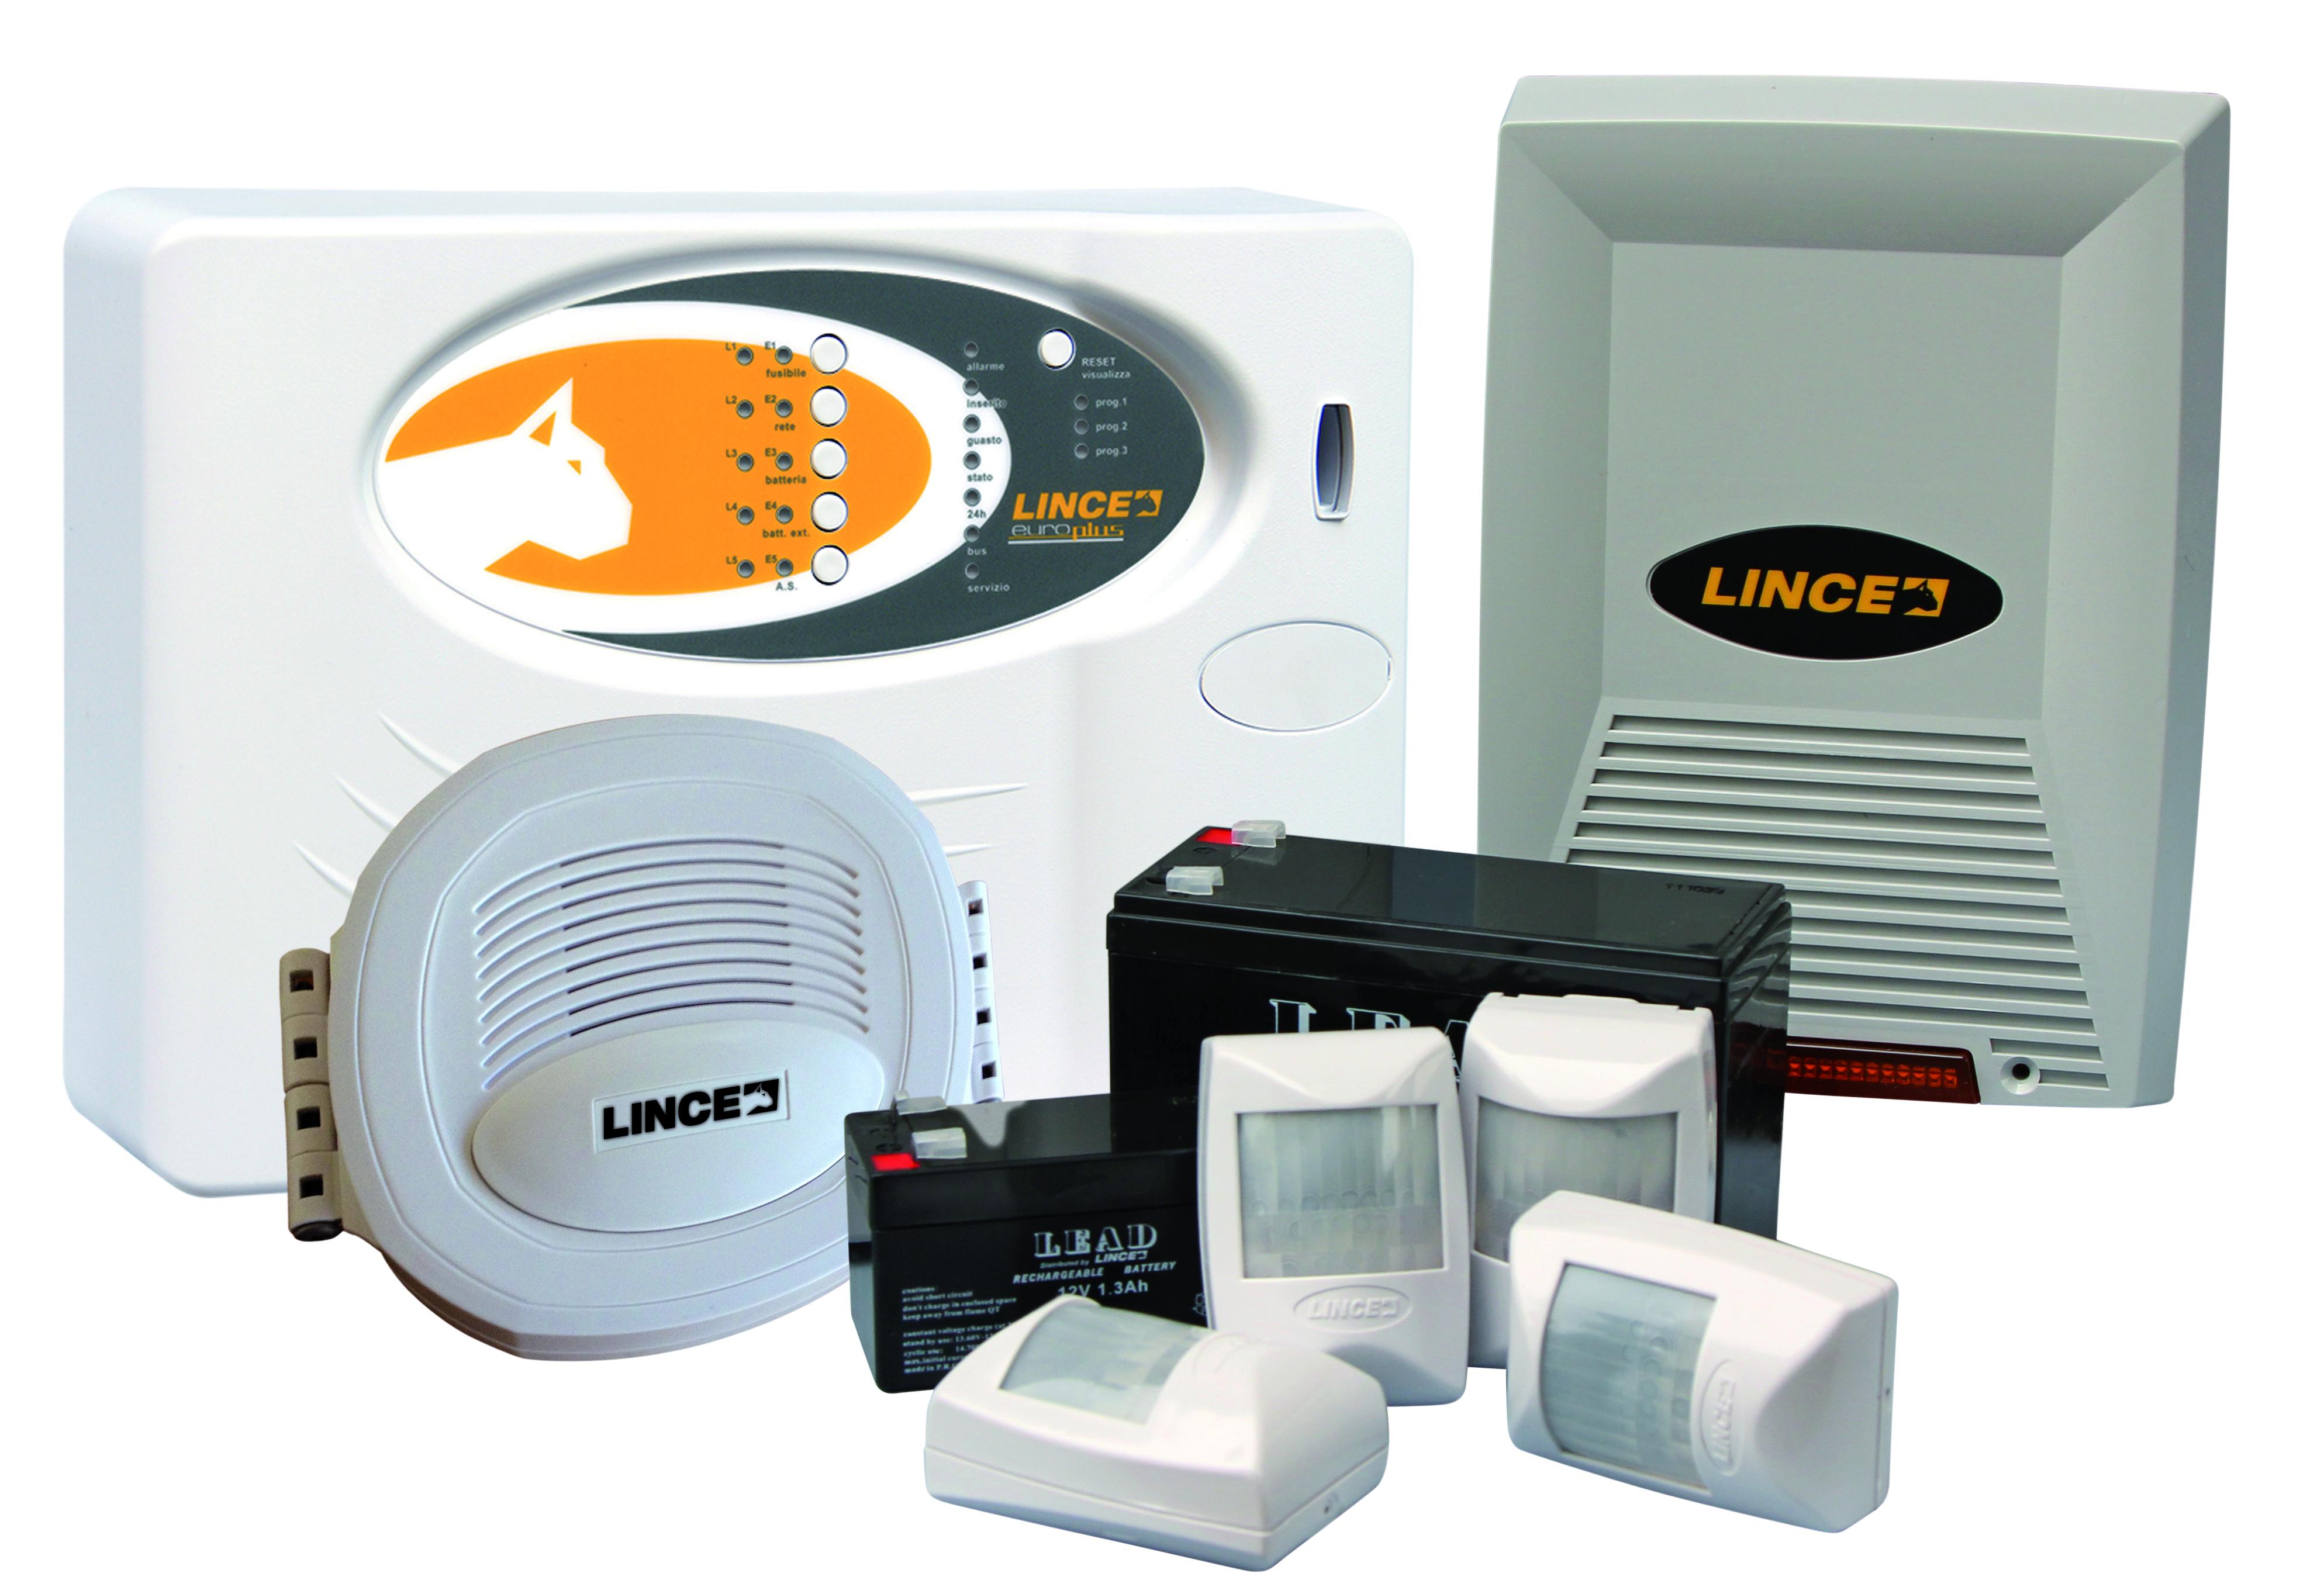 Consigli sugli antifurti della lince antifurto casa wireless - Antifurto casa wireless ...